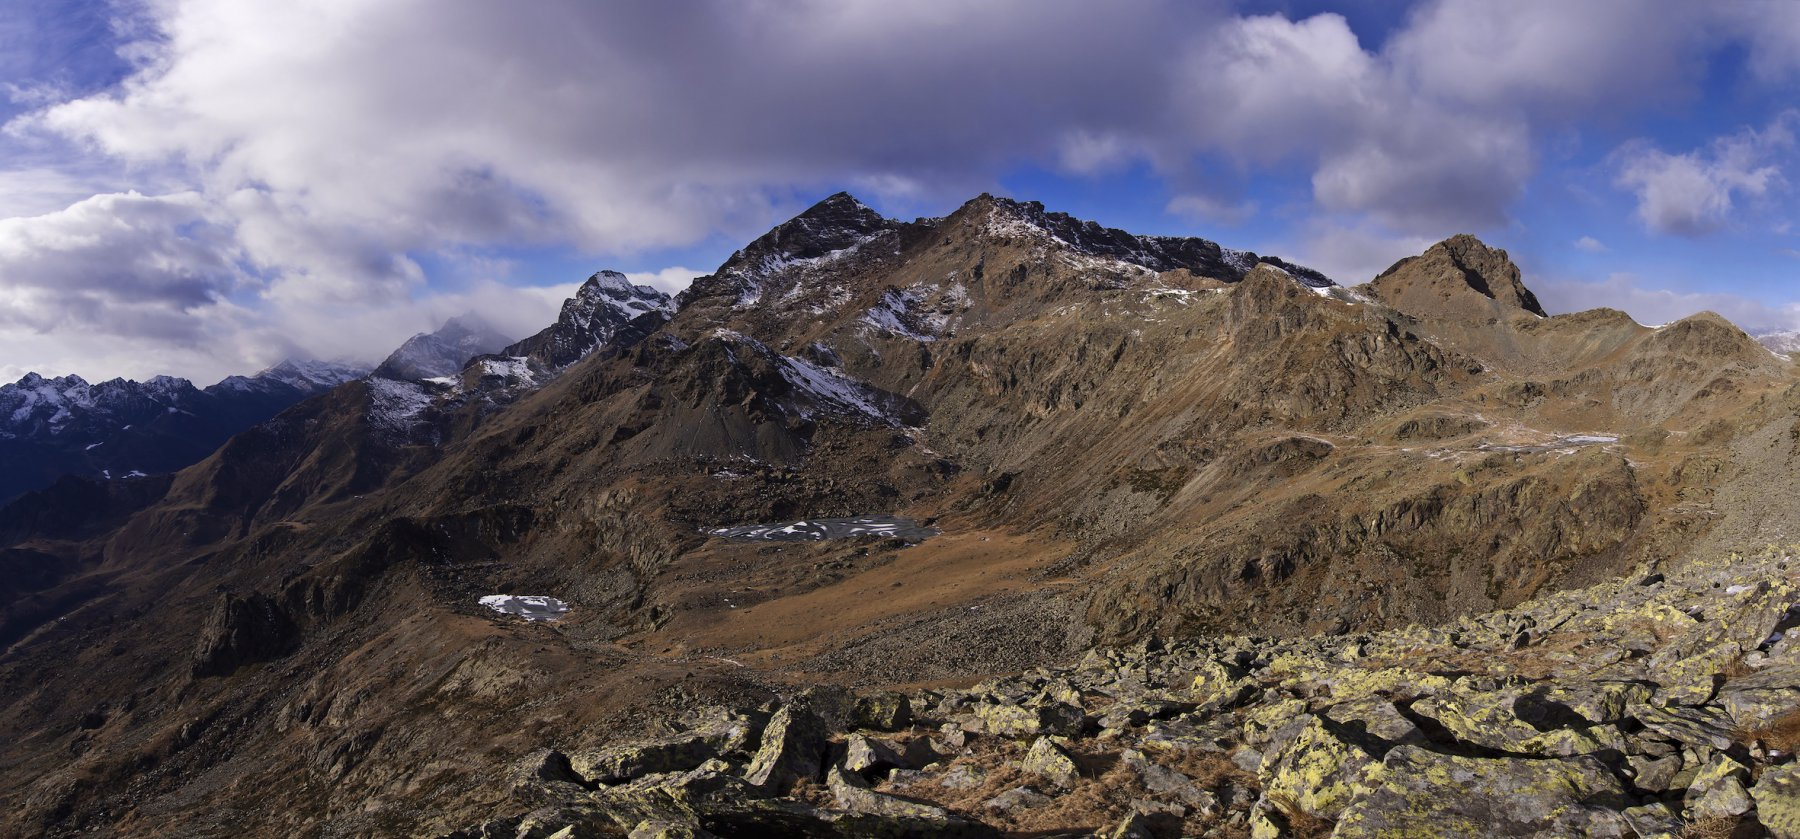 Le montagne del Vallone d'Ovarda: da sinistra Torre d'Ovada, Ciorneva, Cima la Rossa, Monte Rosso d'Ala